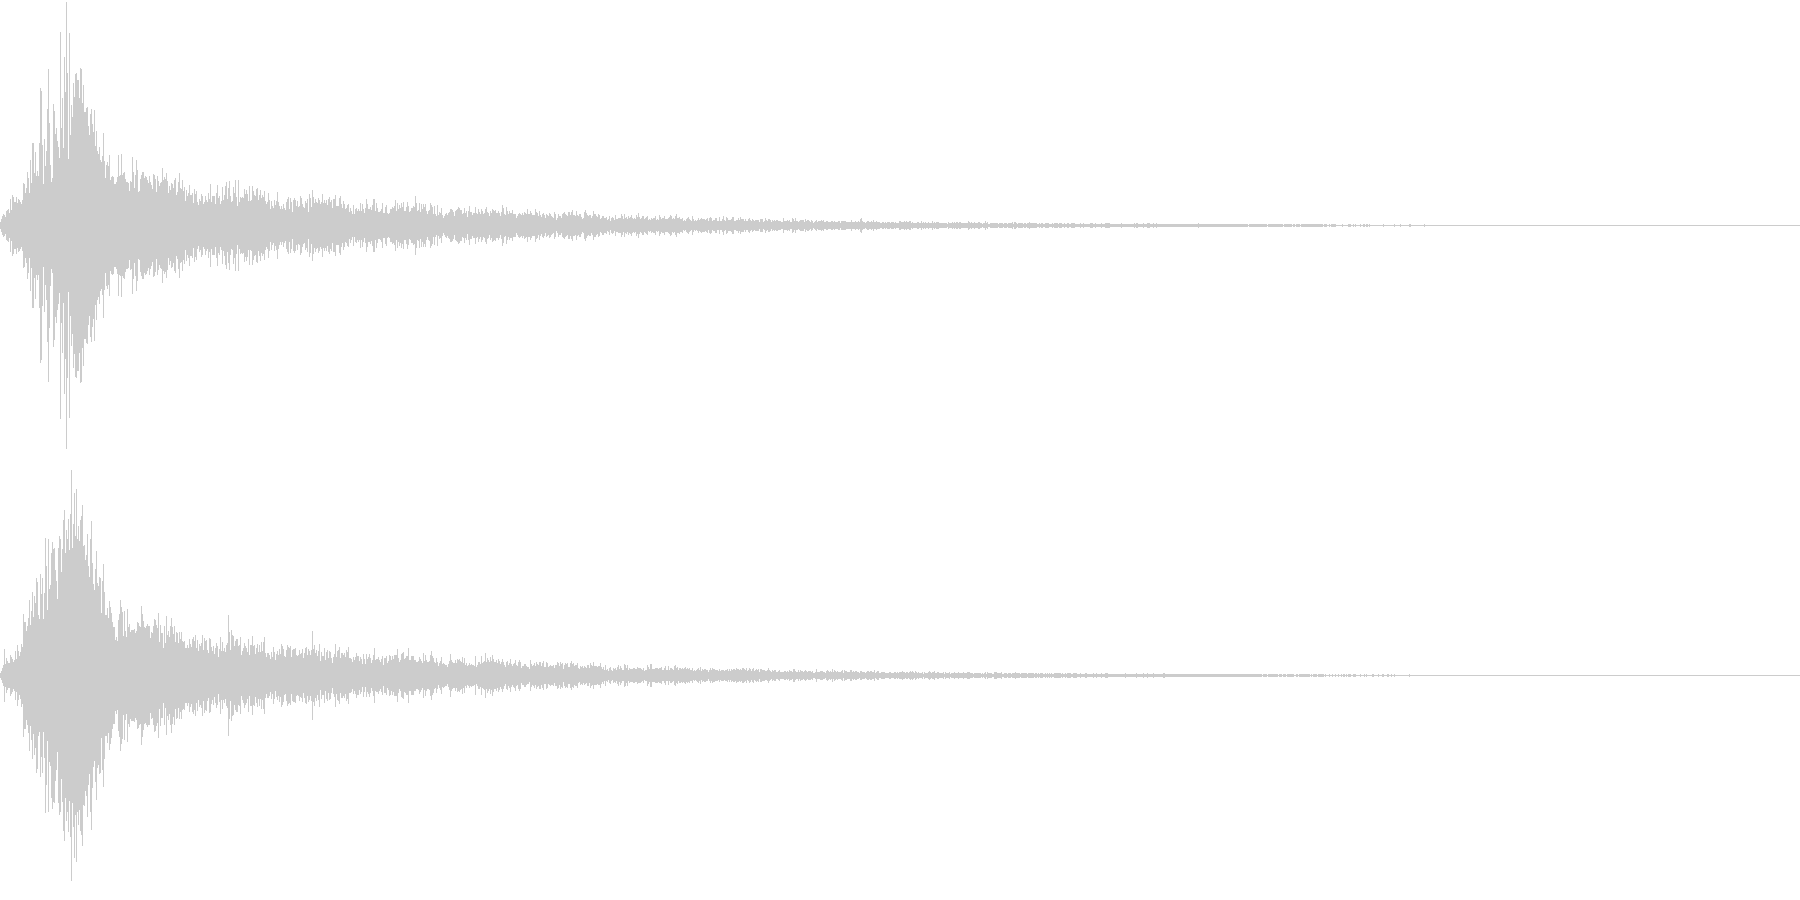 シュピーン・ピカーン・技・魔法の未再生の波形